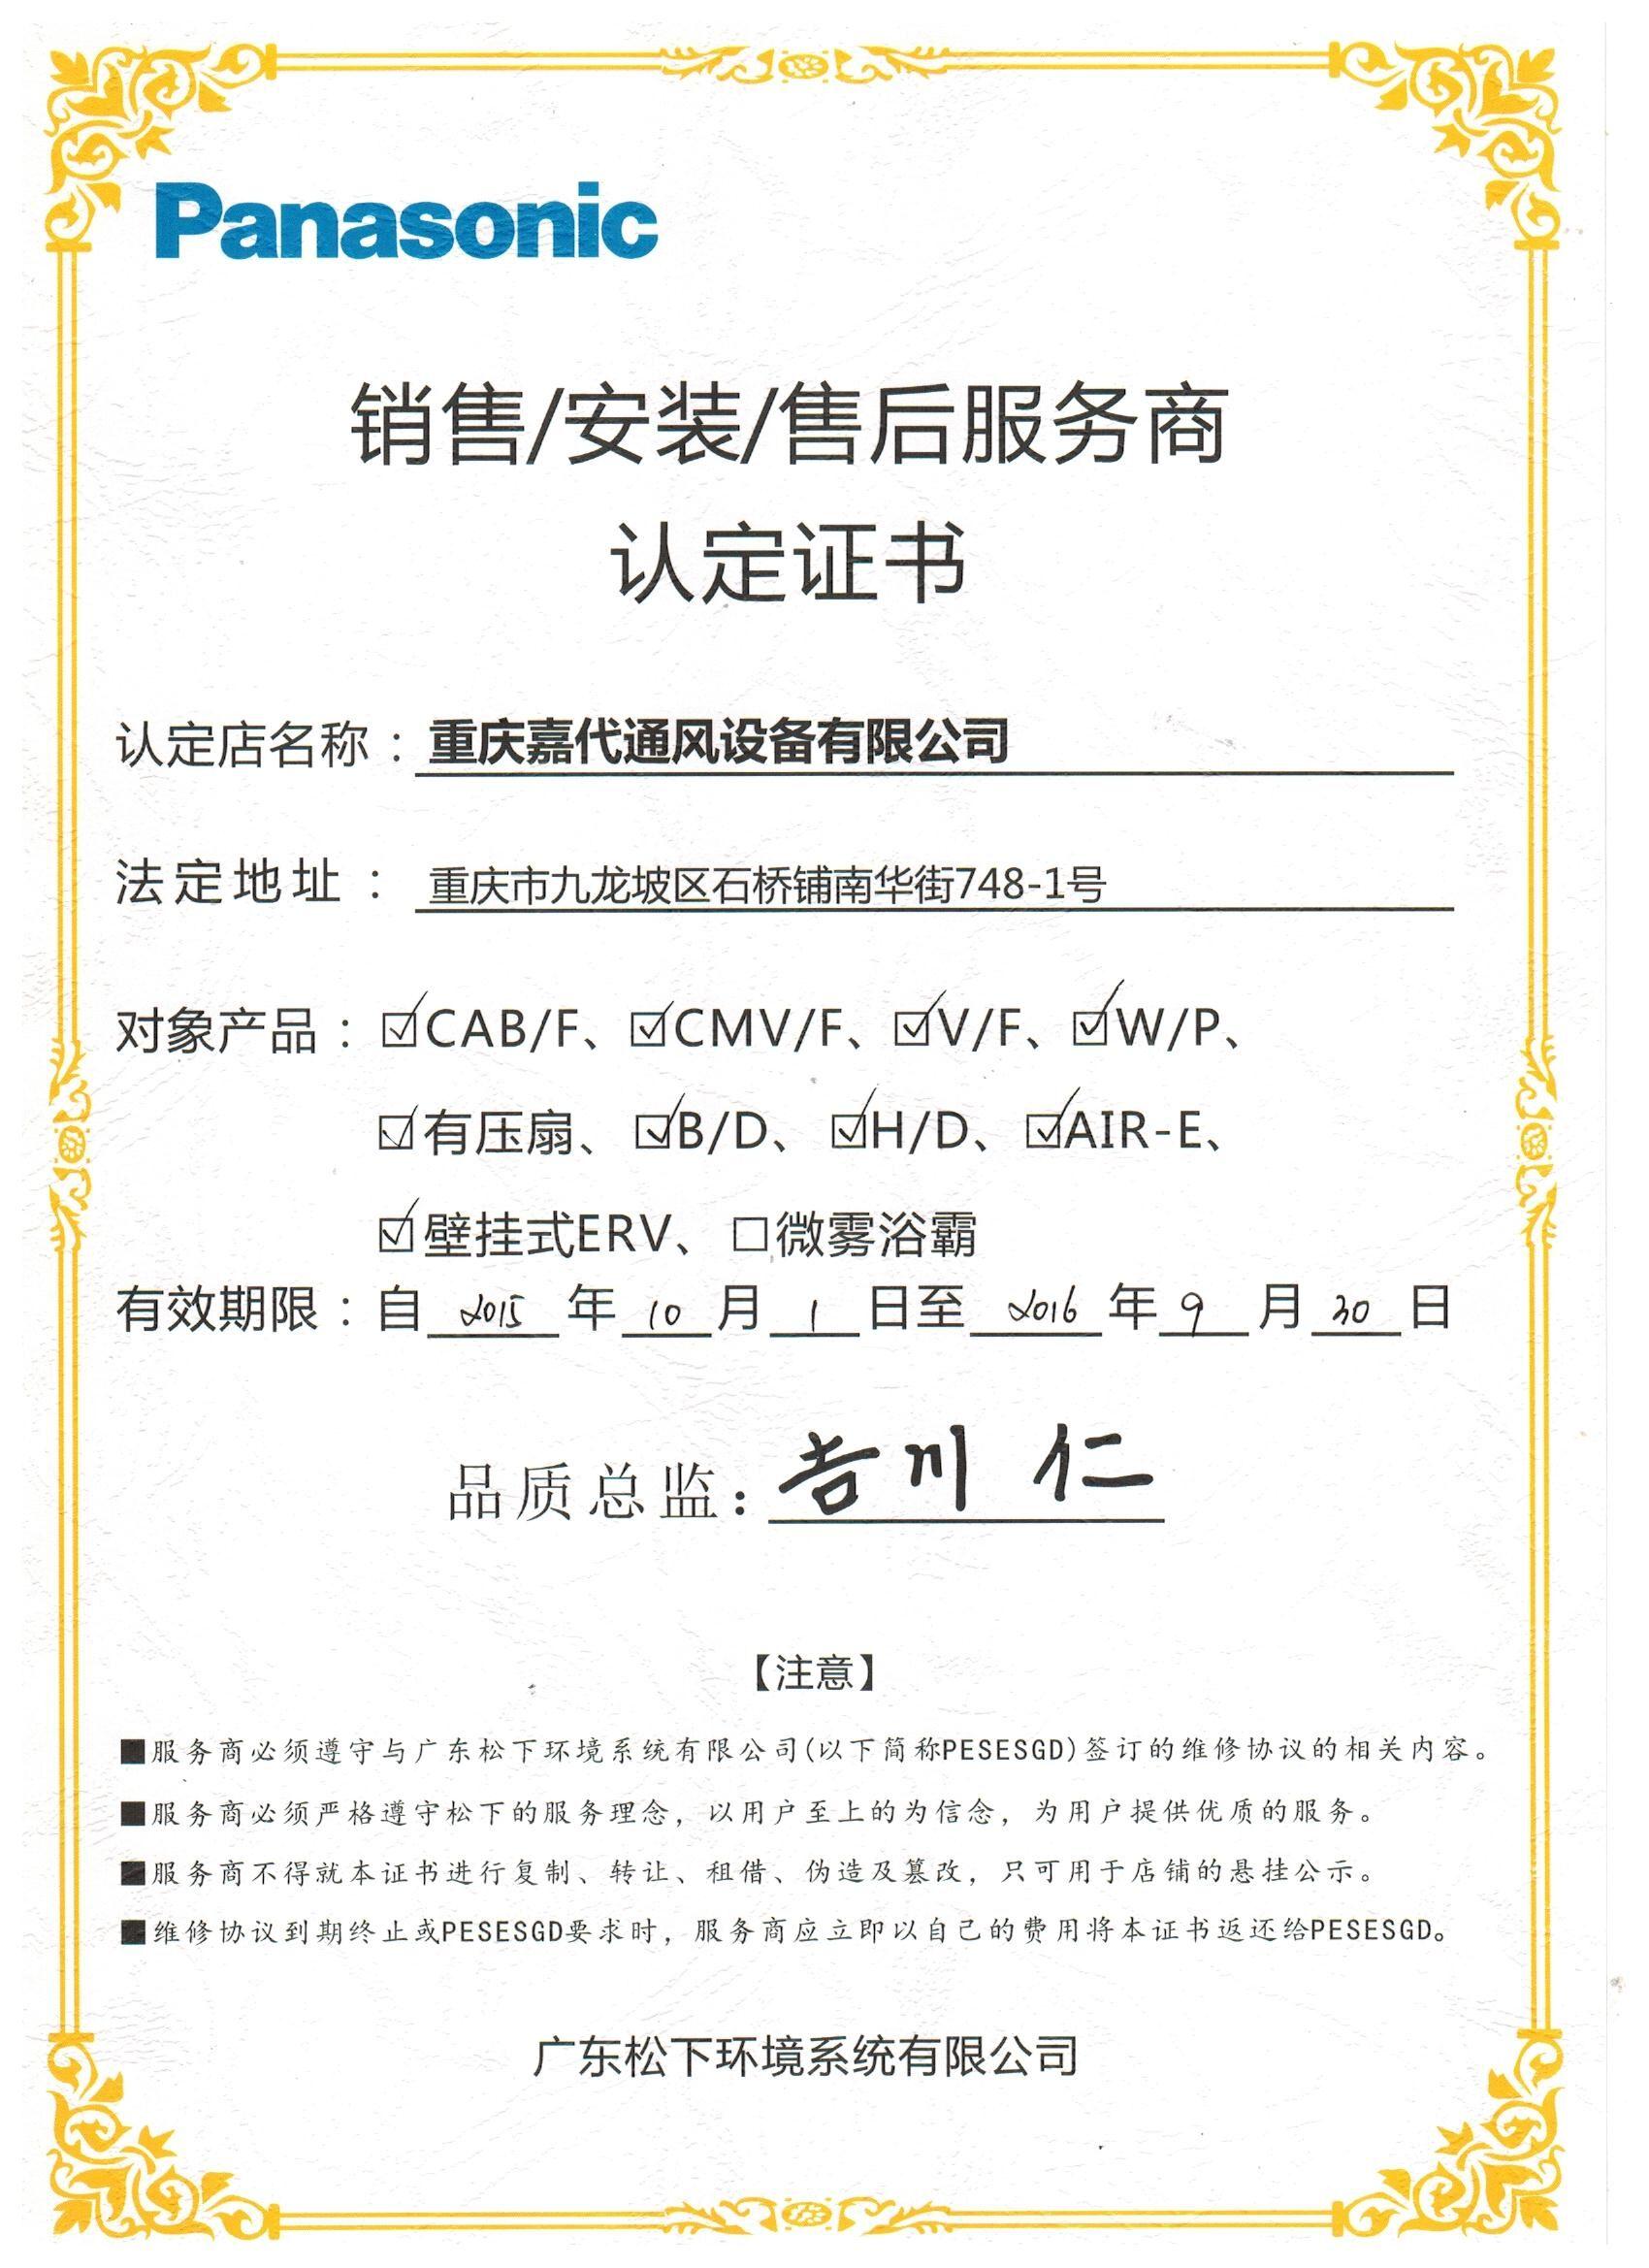 万博manbetx官网电脑(Panasonic)销售/安装/售后服务商认定证书